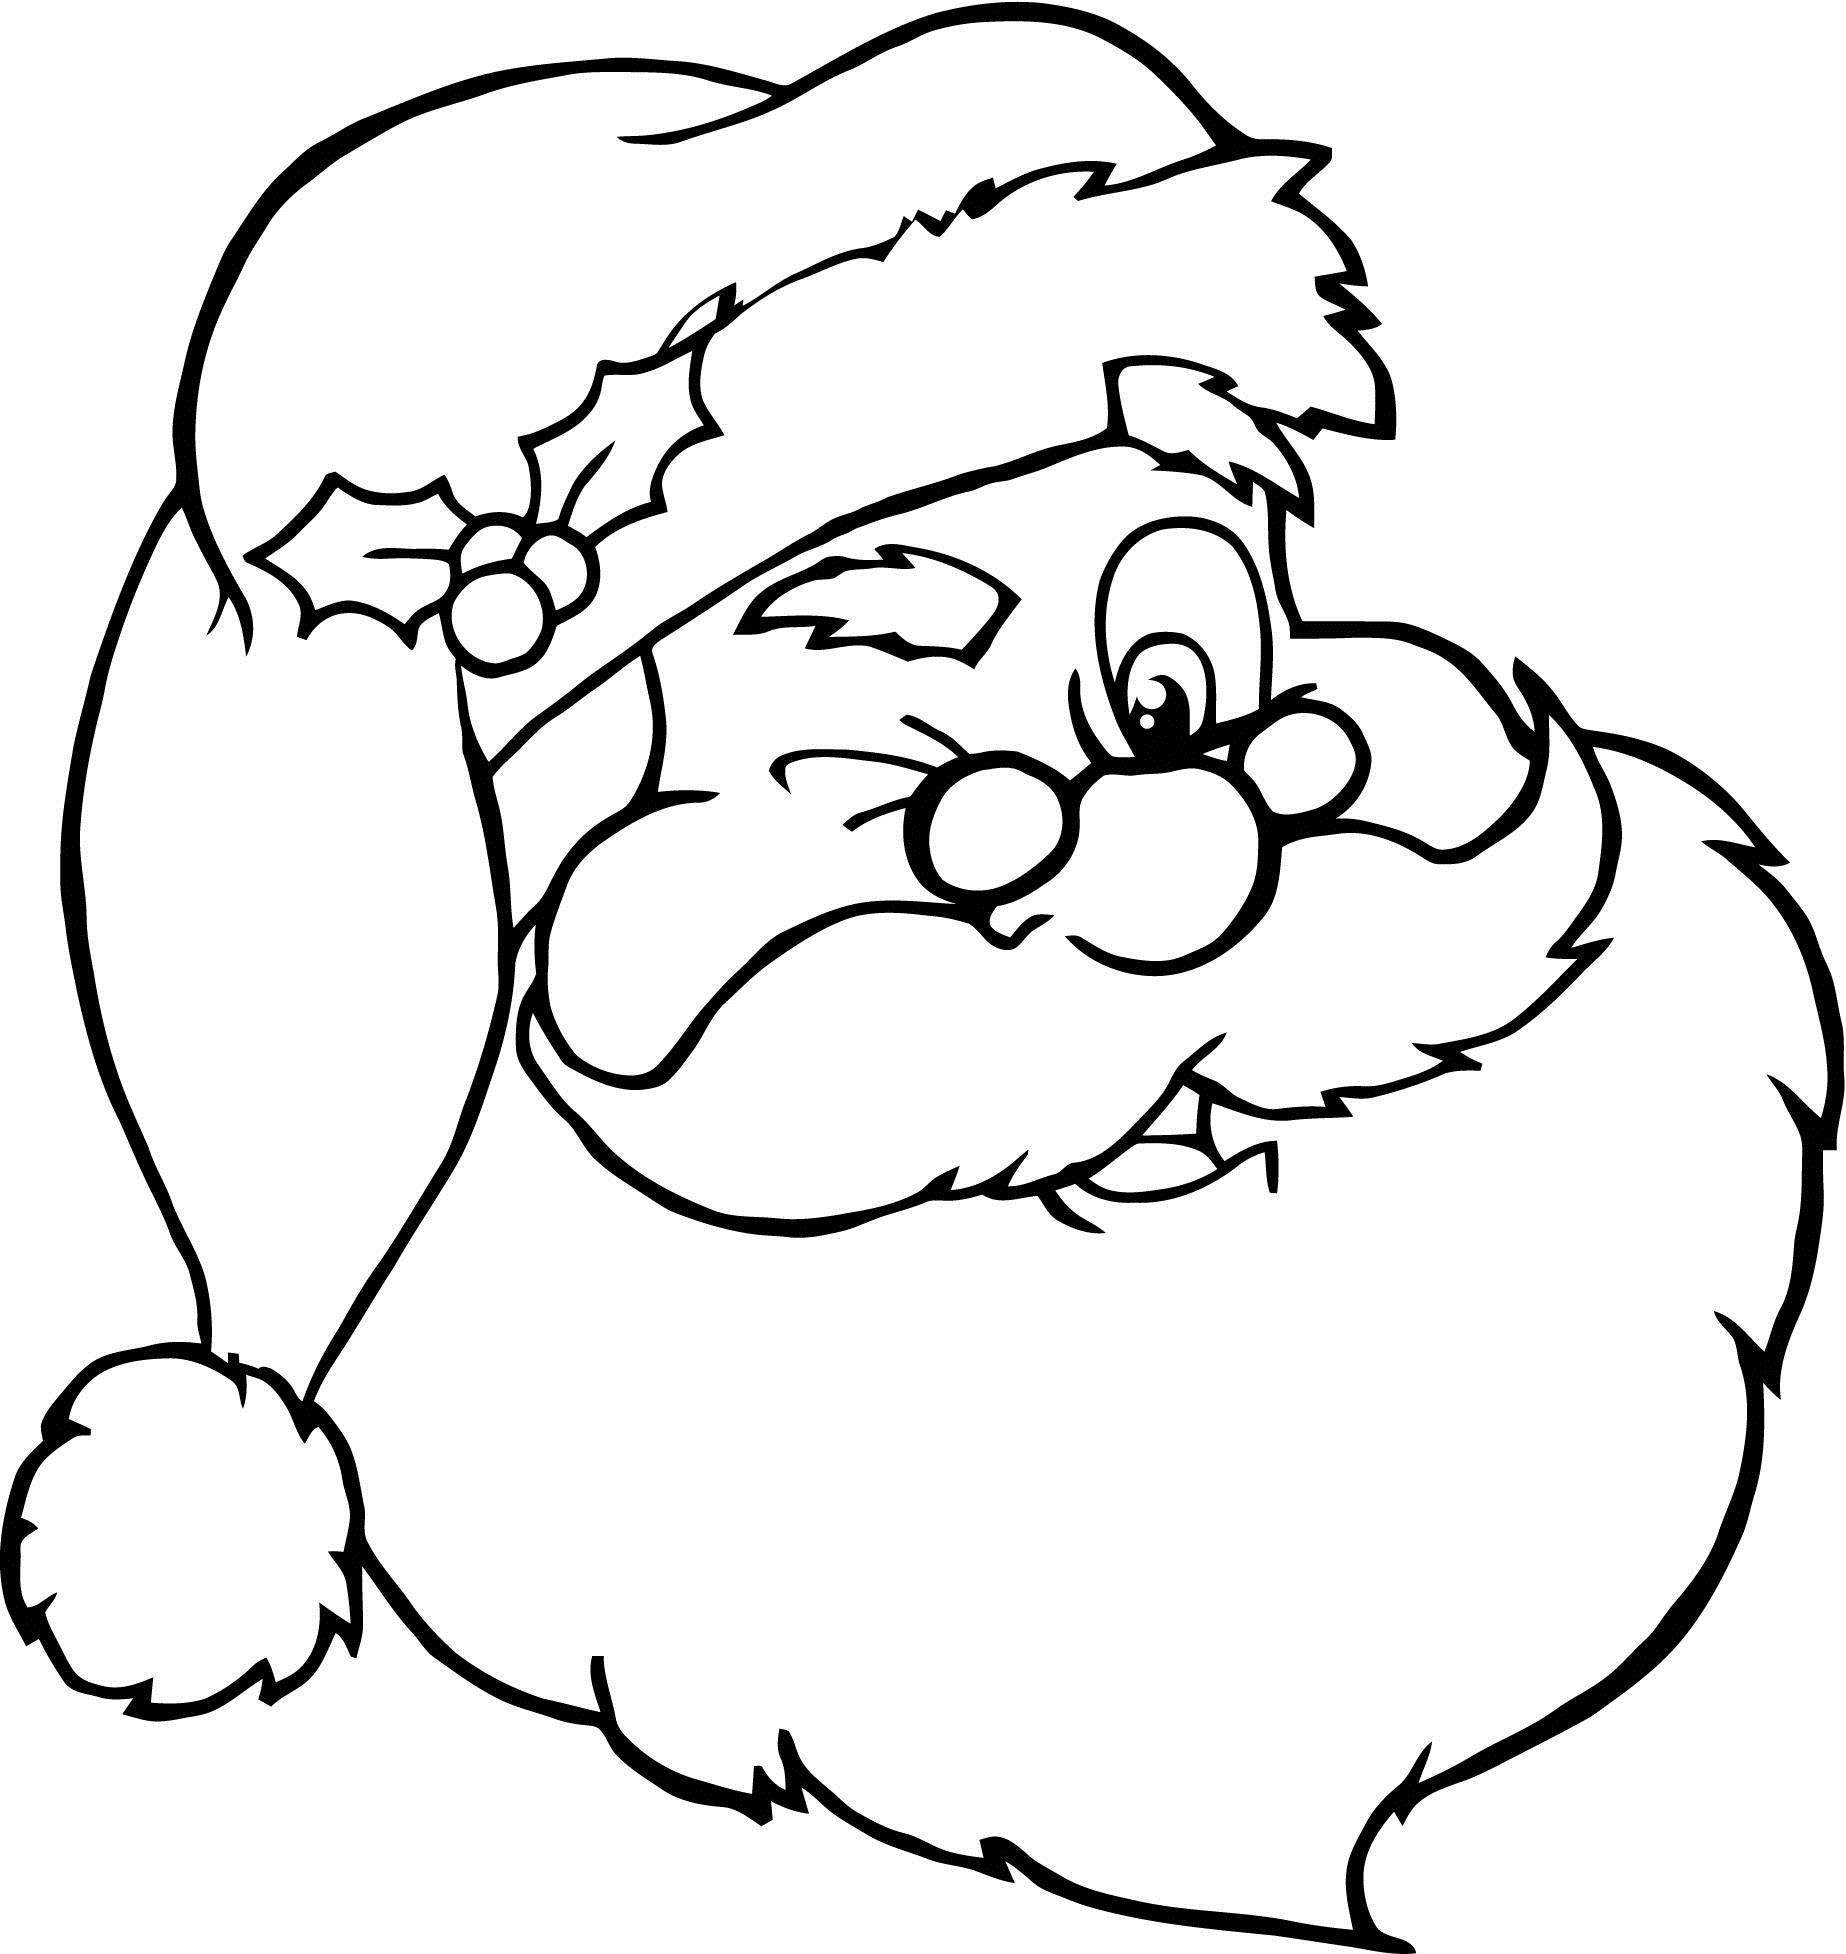 Estas son las mejores imágenes de Papa Noel Que Encontraras En Internet